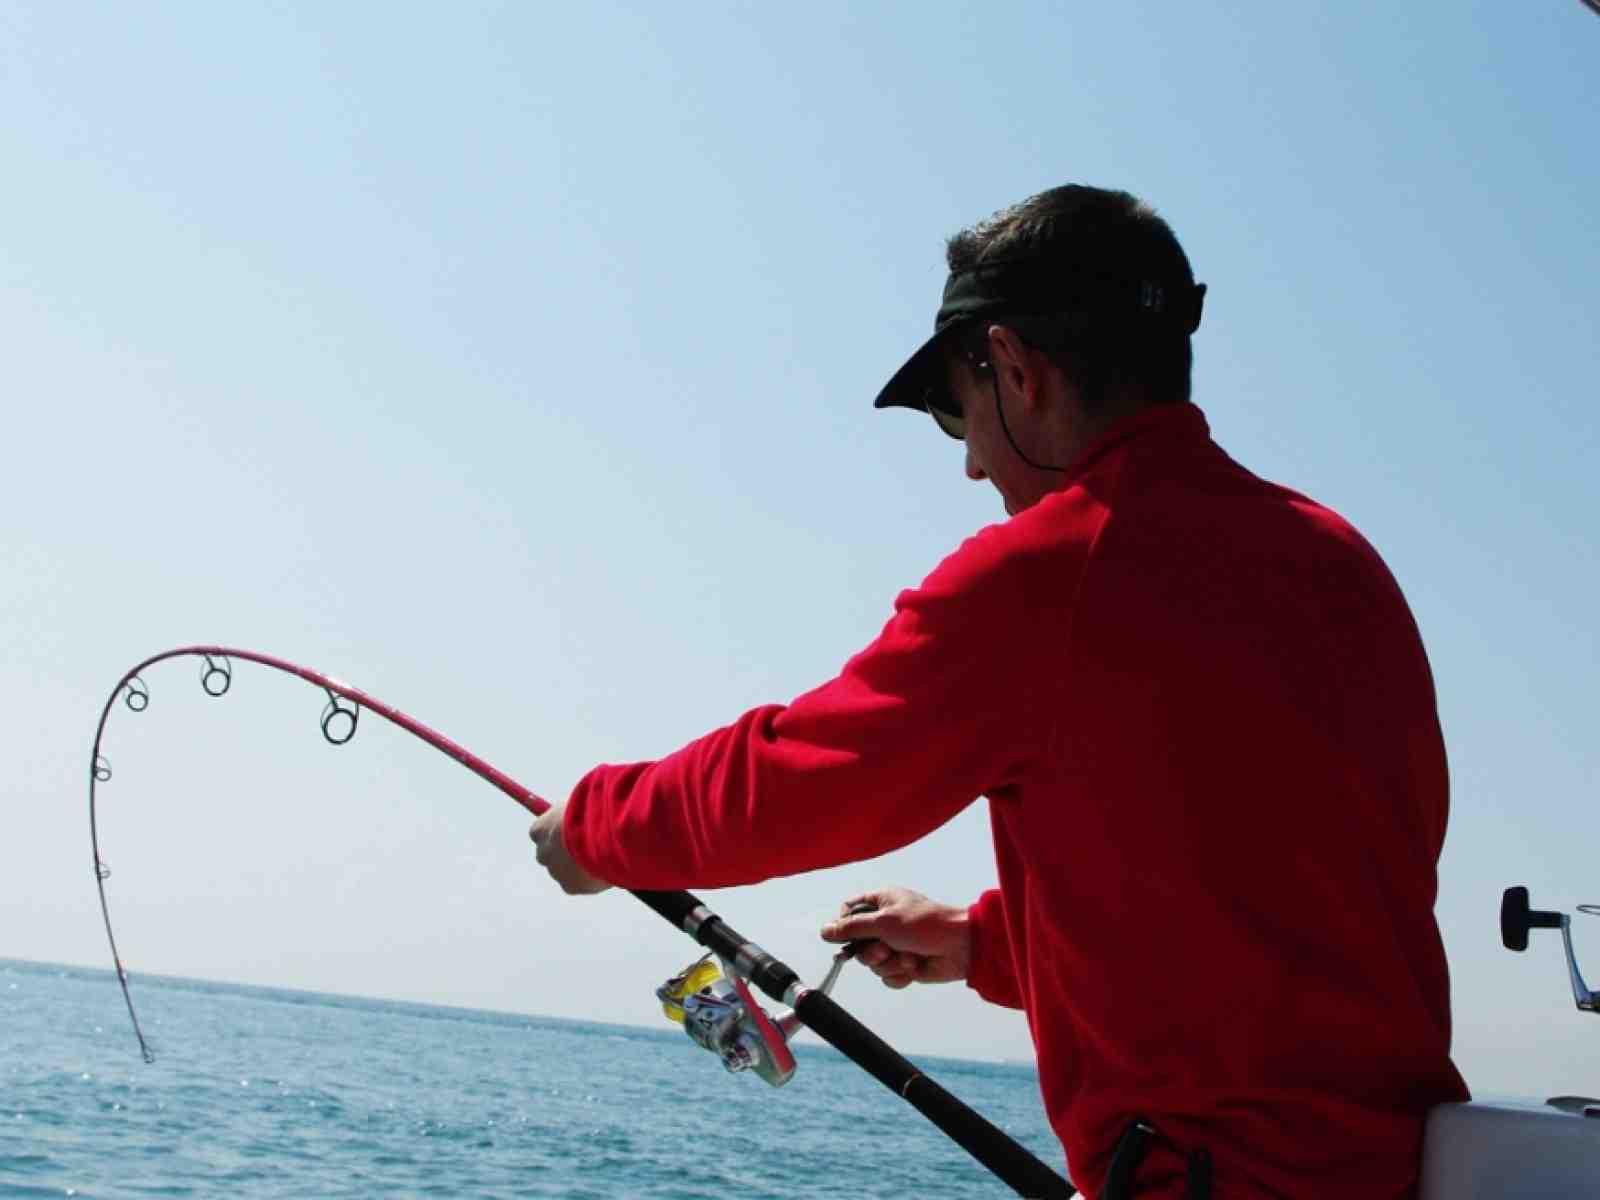 Comment savoir la puissance d'une canne à pêche ?